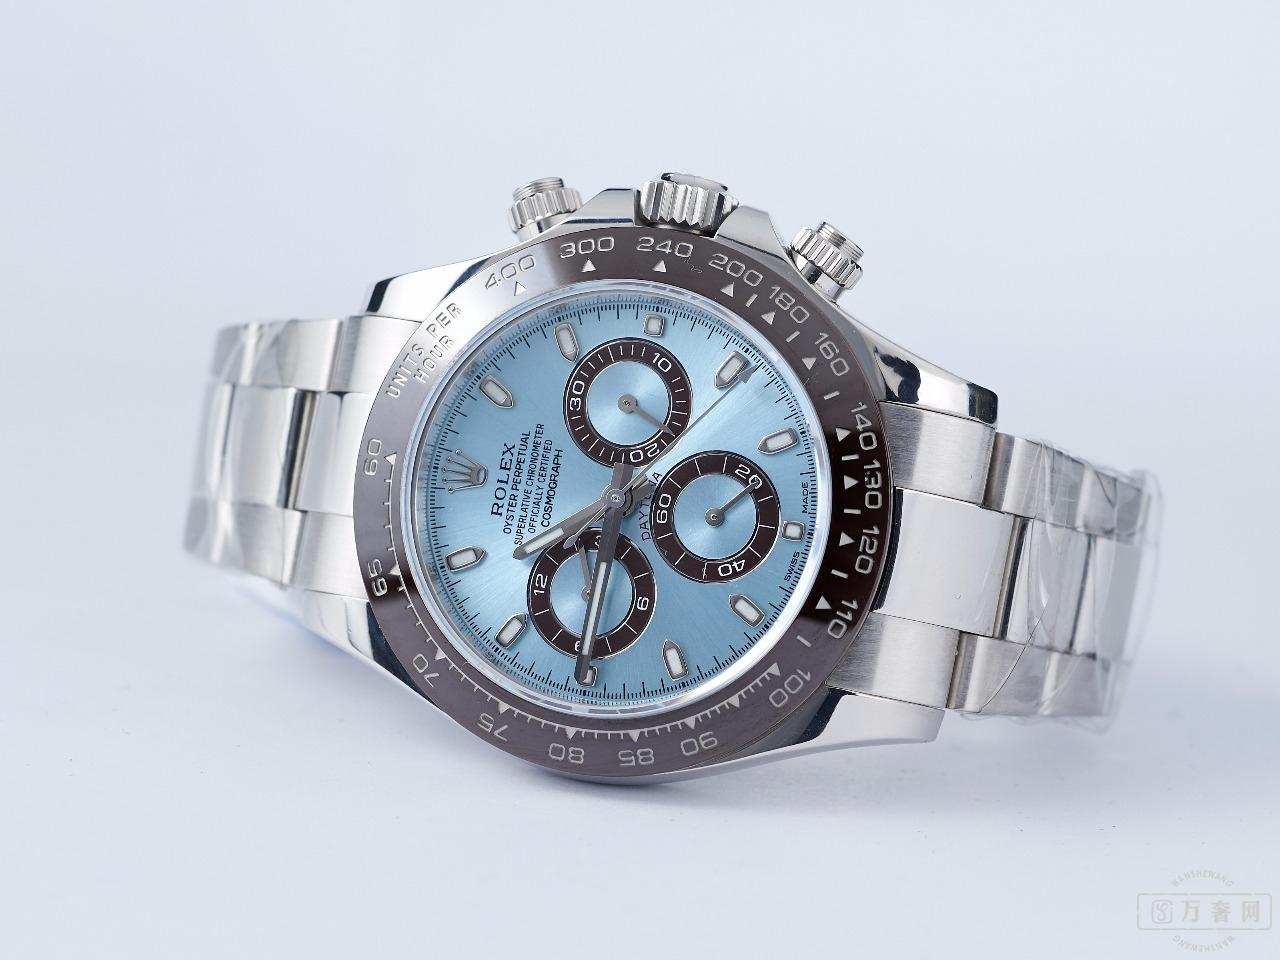 欧米茄手表为什么这么受欢迎? 深圳哪里高价回收欧米茄手表